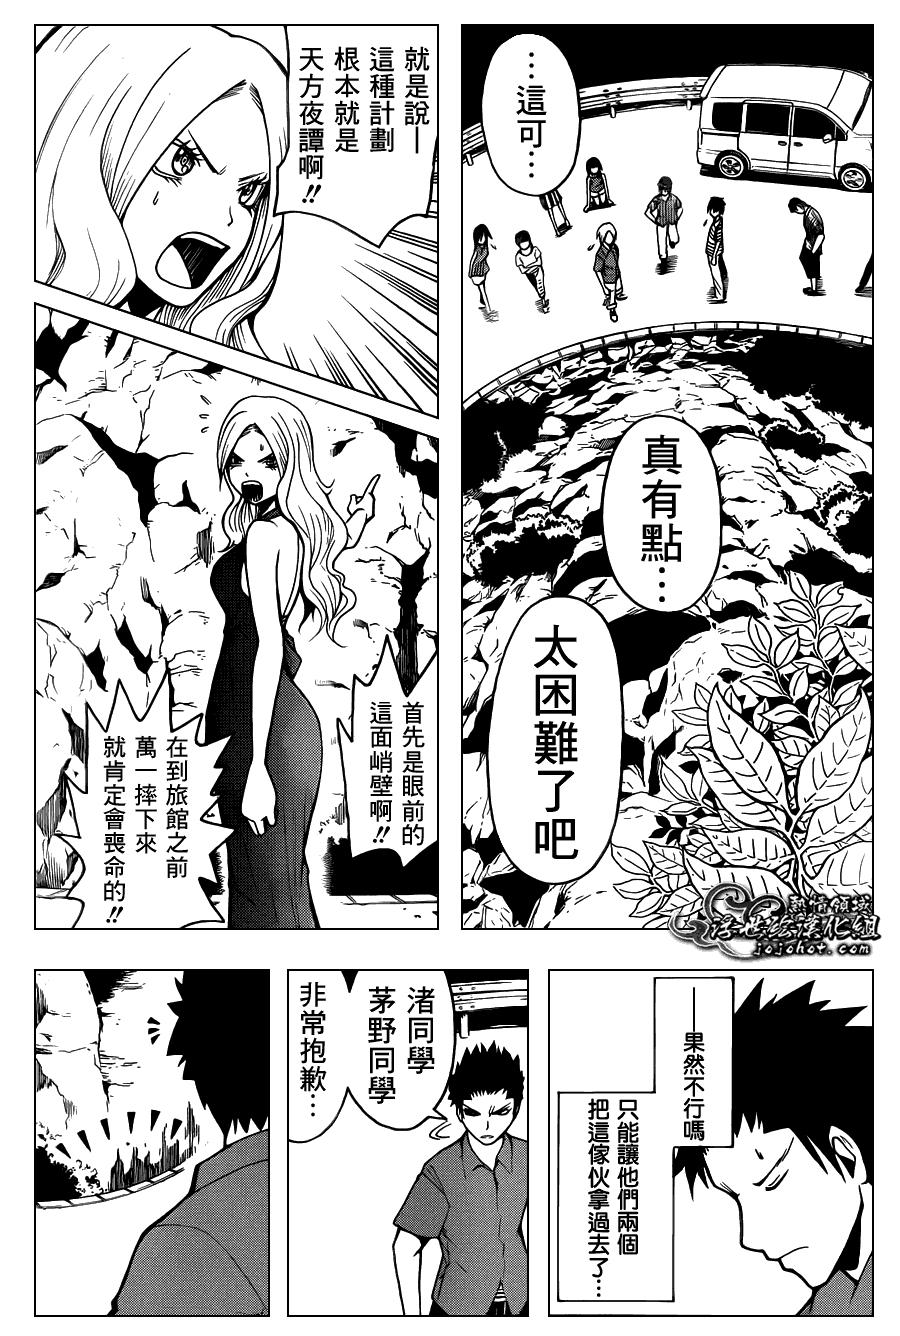 暗殺教室: 61話 - 第15页